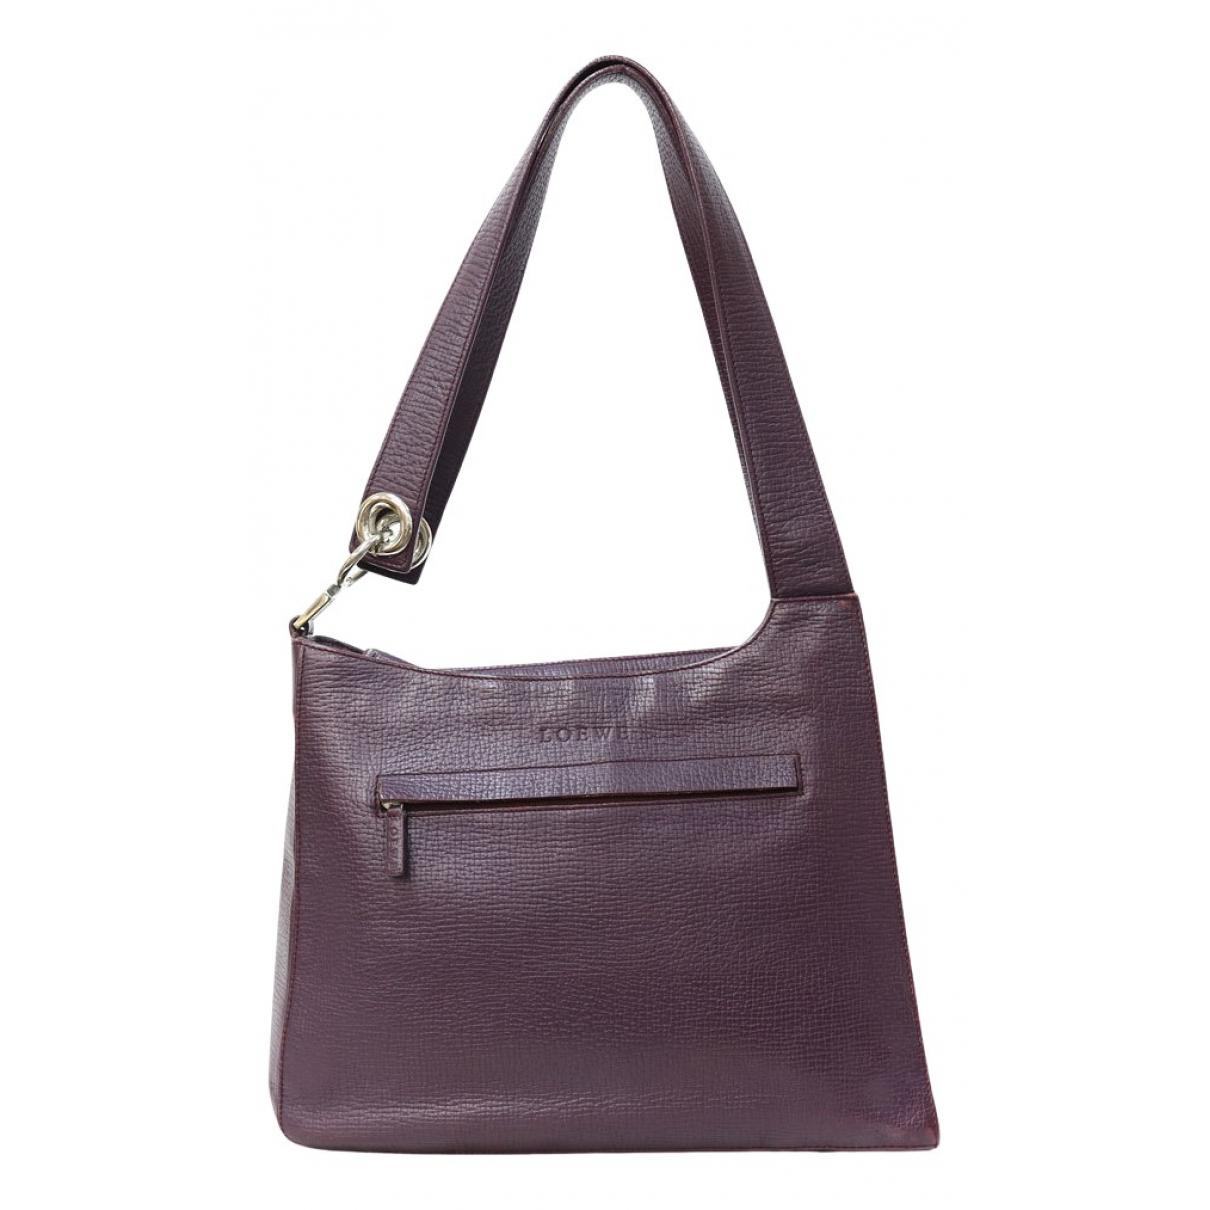 Loewe \N Purple Leather handbag for Women \N